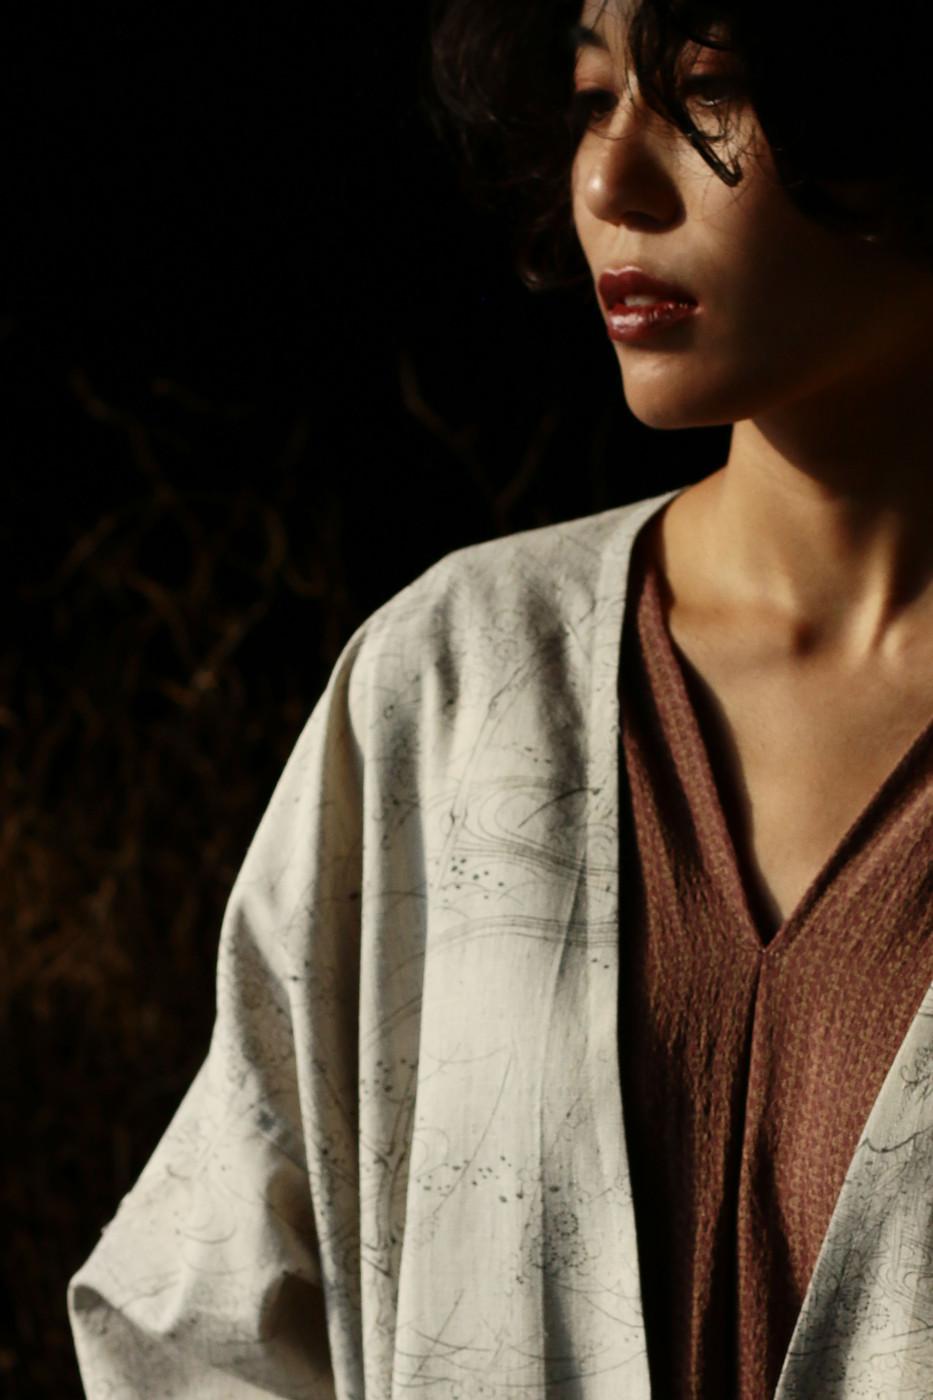 kimonofuku | キモノフク(着物リメイク)ハオリとワンピースD02